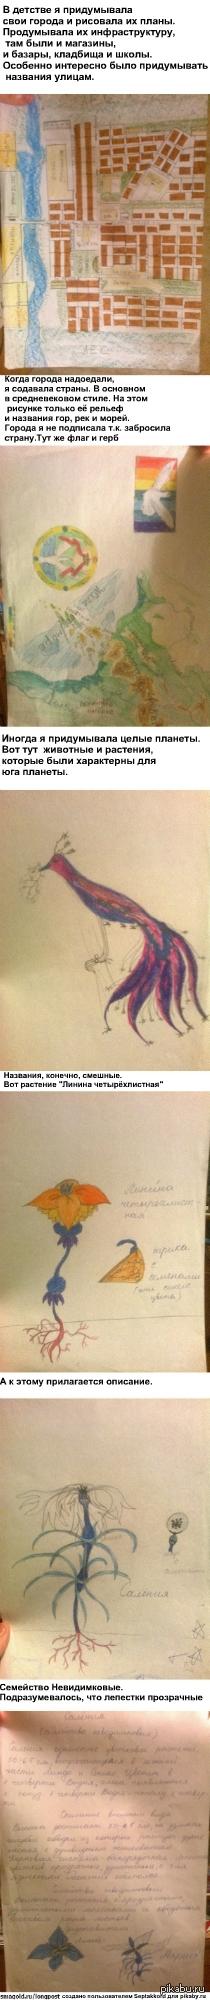 Детские фантазии в планах и рисунках Моему единственному подписчику и тем весёлым ребятам, которые рисовали стратегии на листочках и играли втроём.